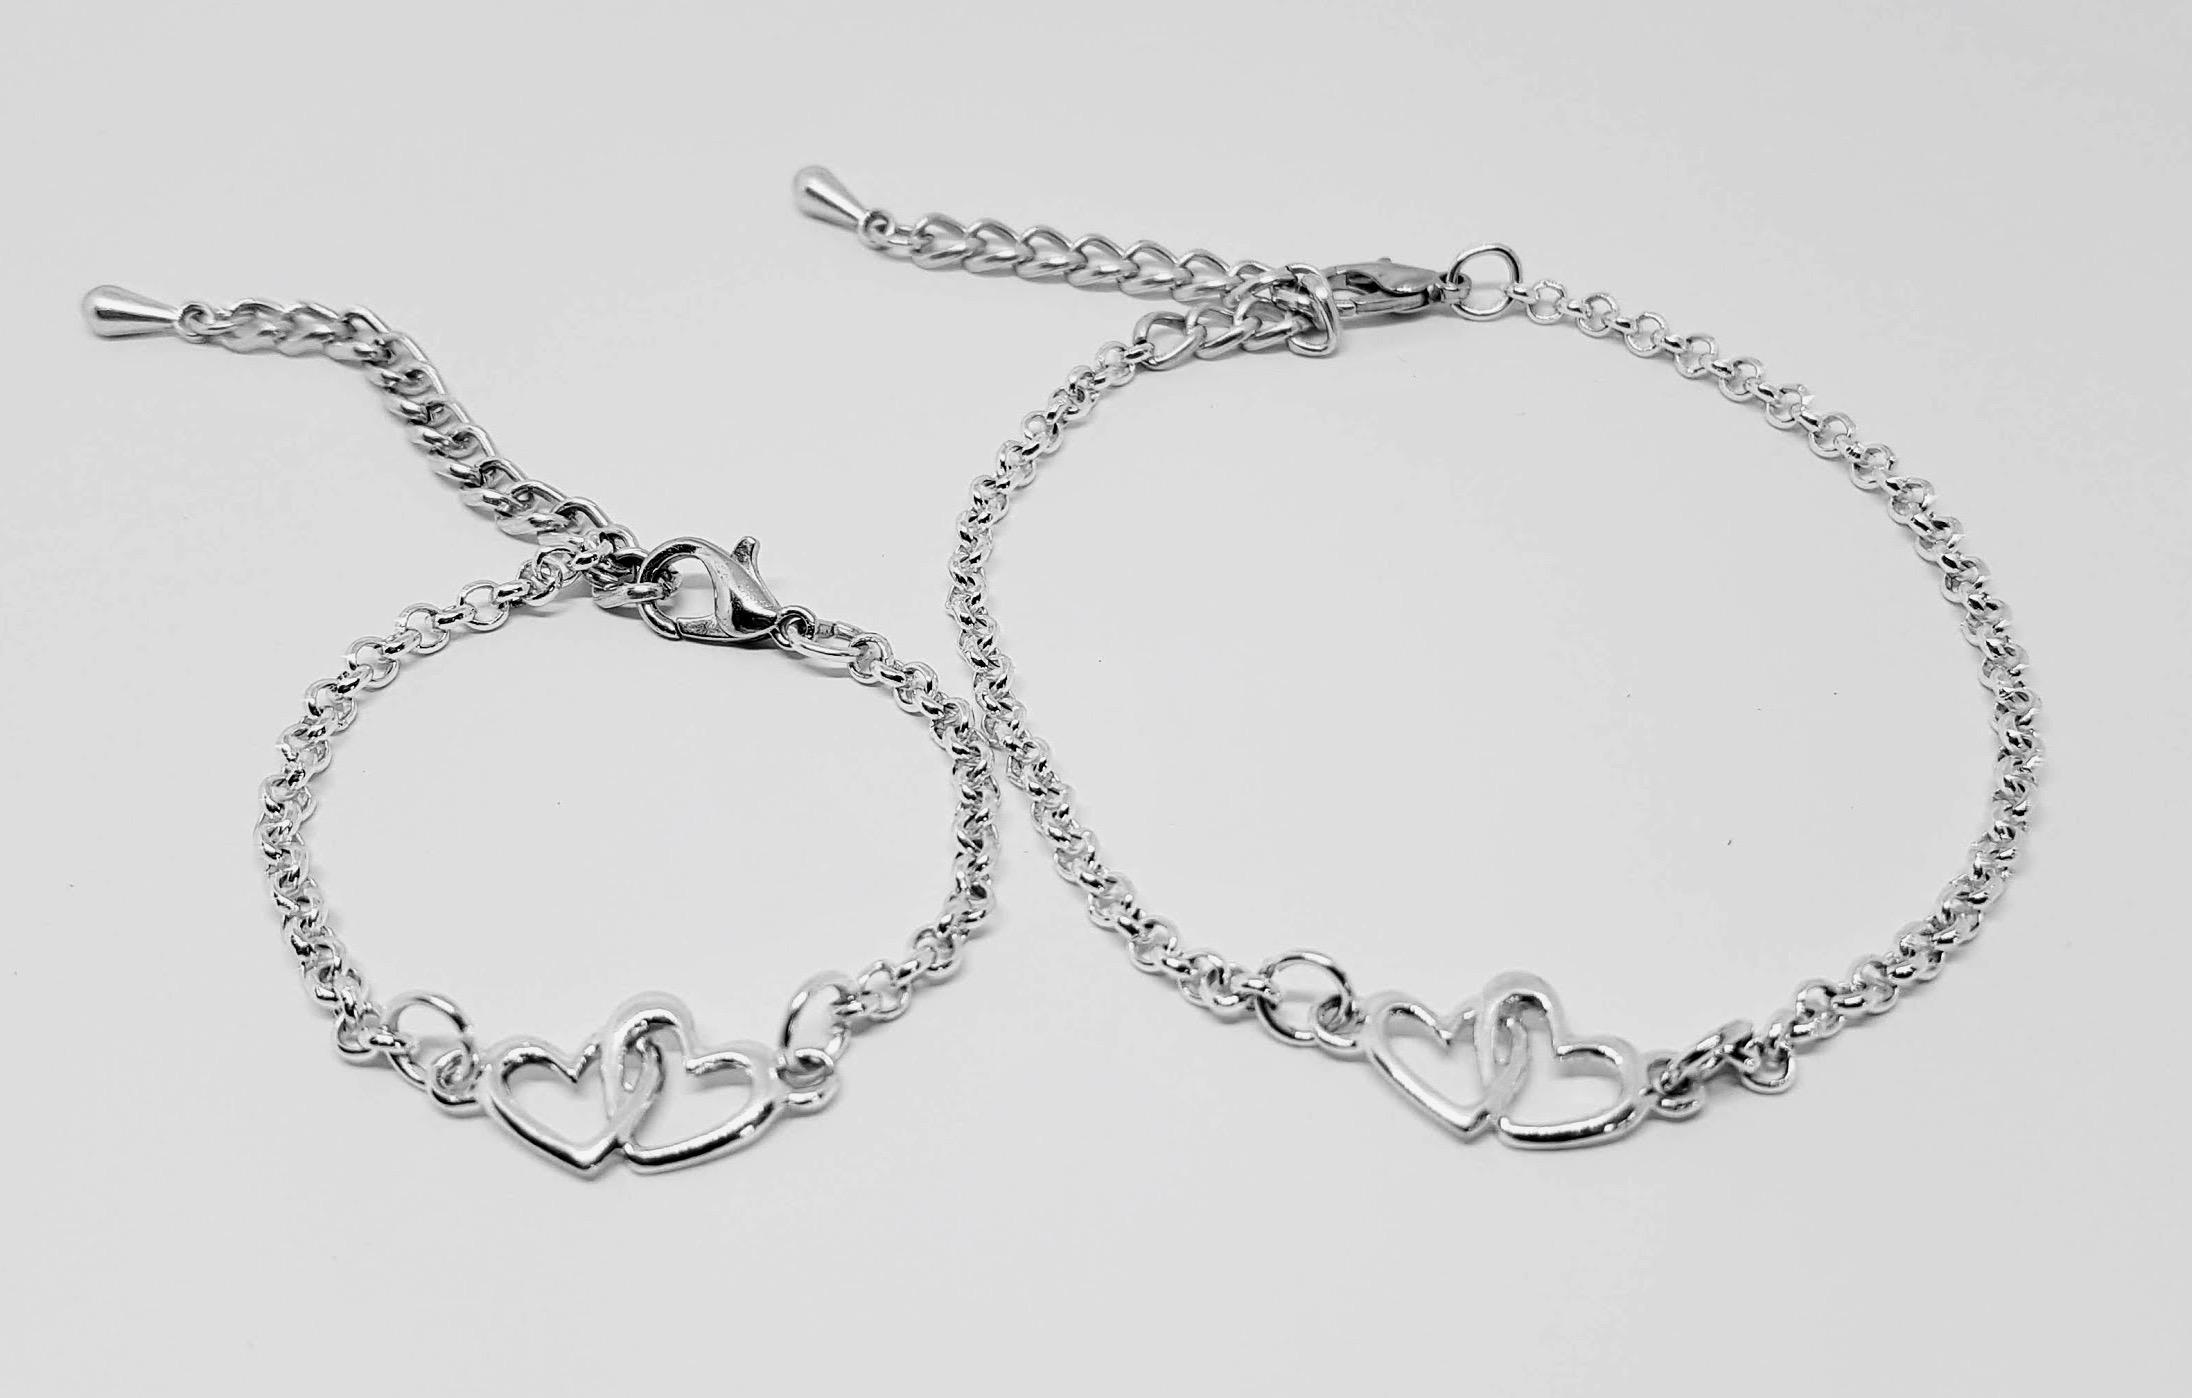 Verwonderend Moeder dochter armband ⋆ Mi Mimma ⋆ twinnen zilver hart⋆ LO-02